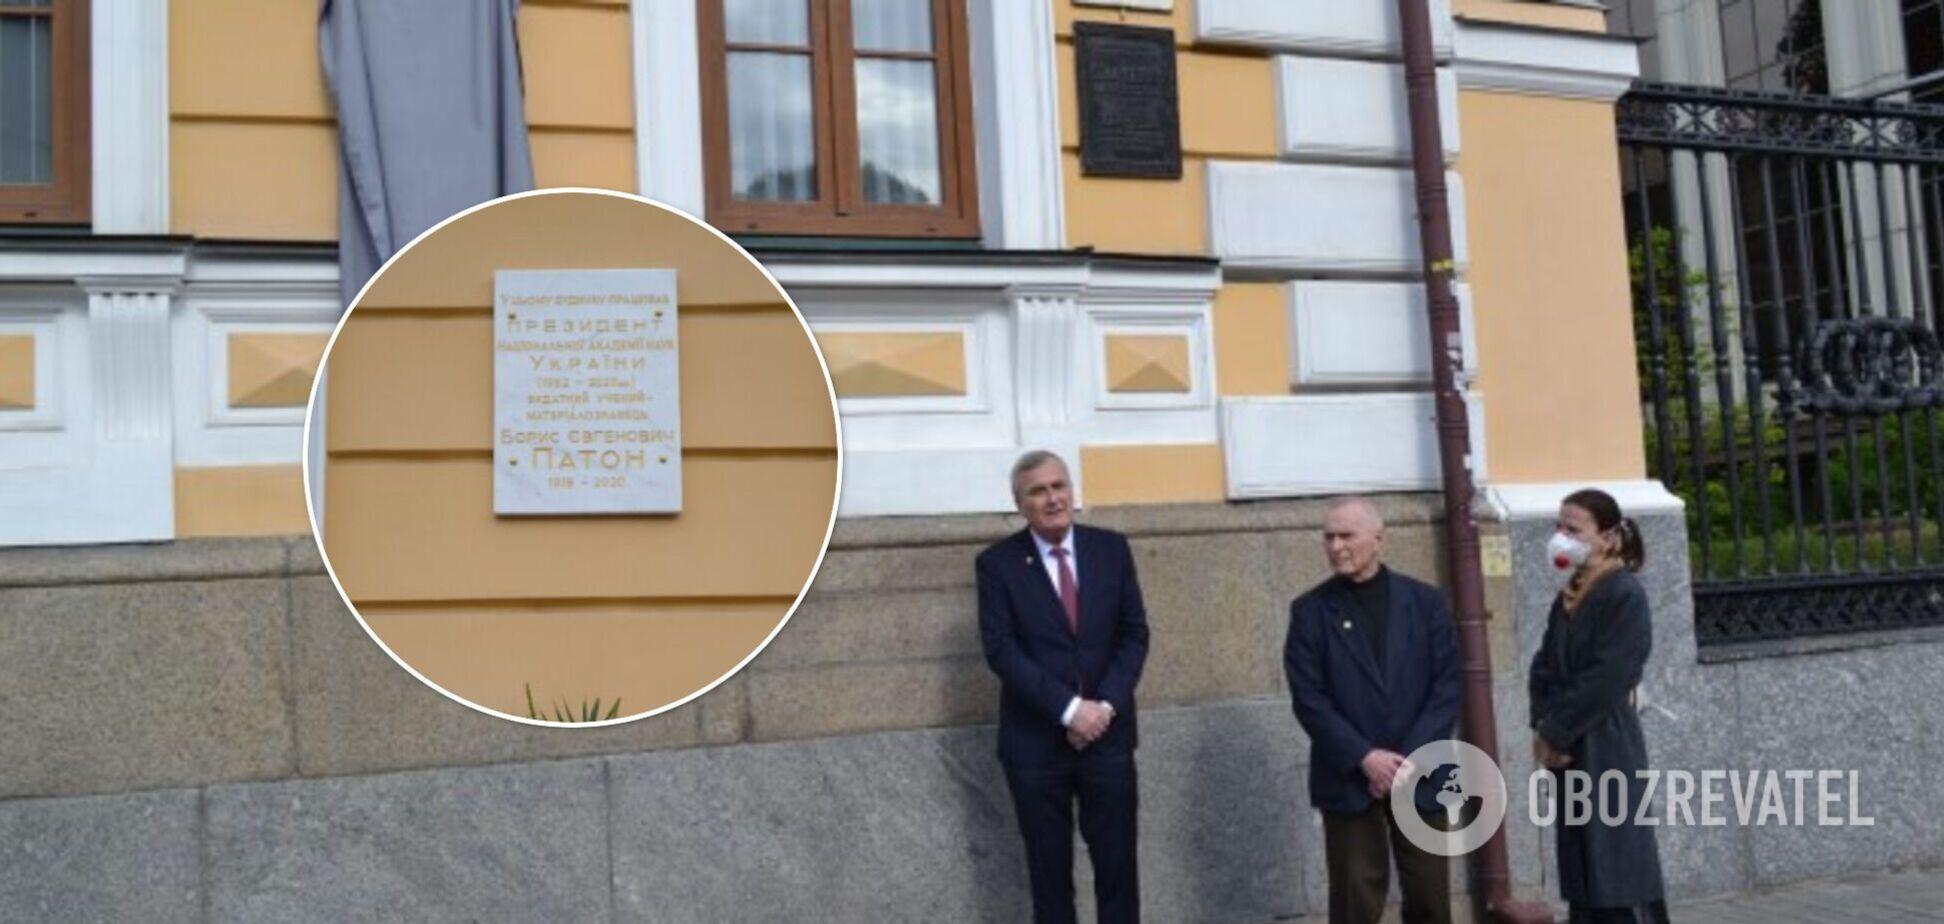 Борису Патону встановили меморіальну дошку в Києві